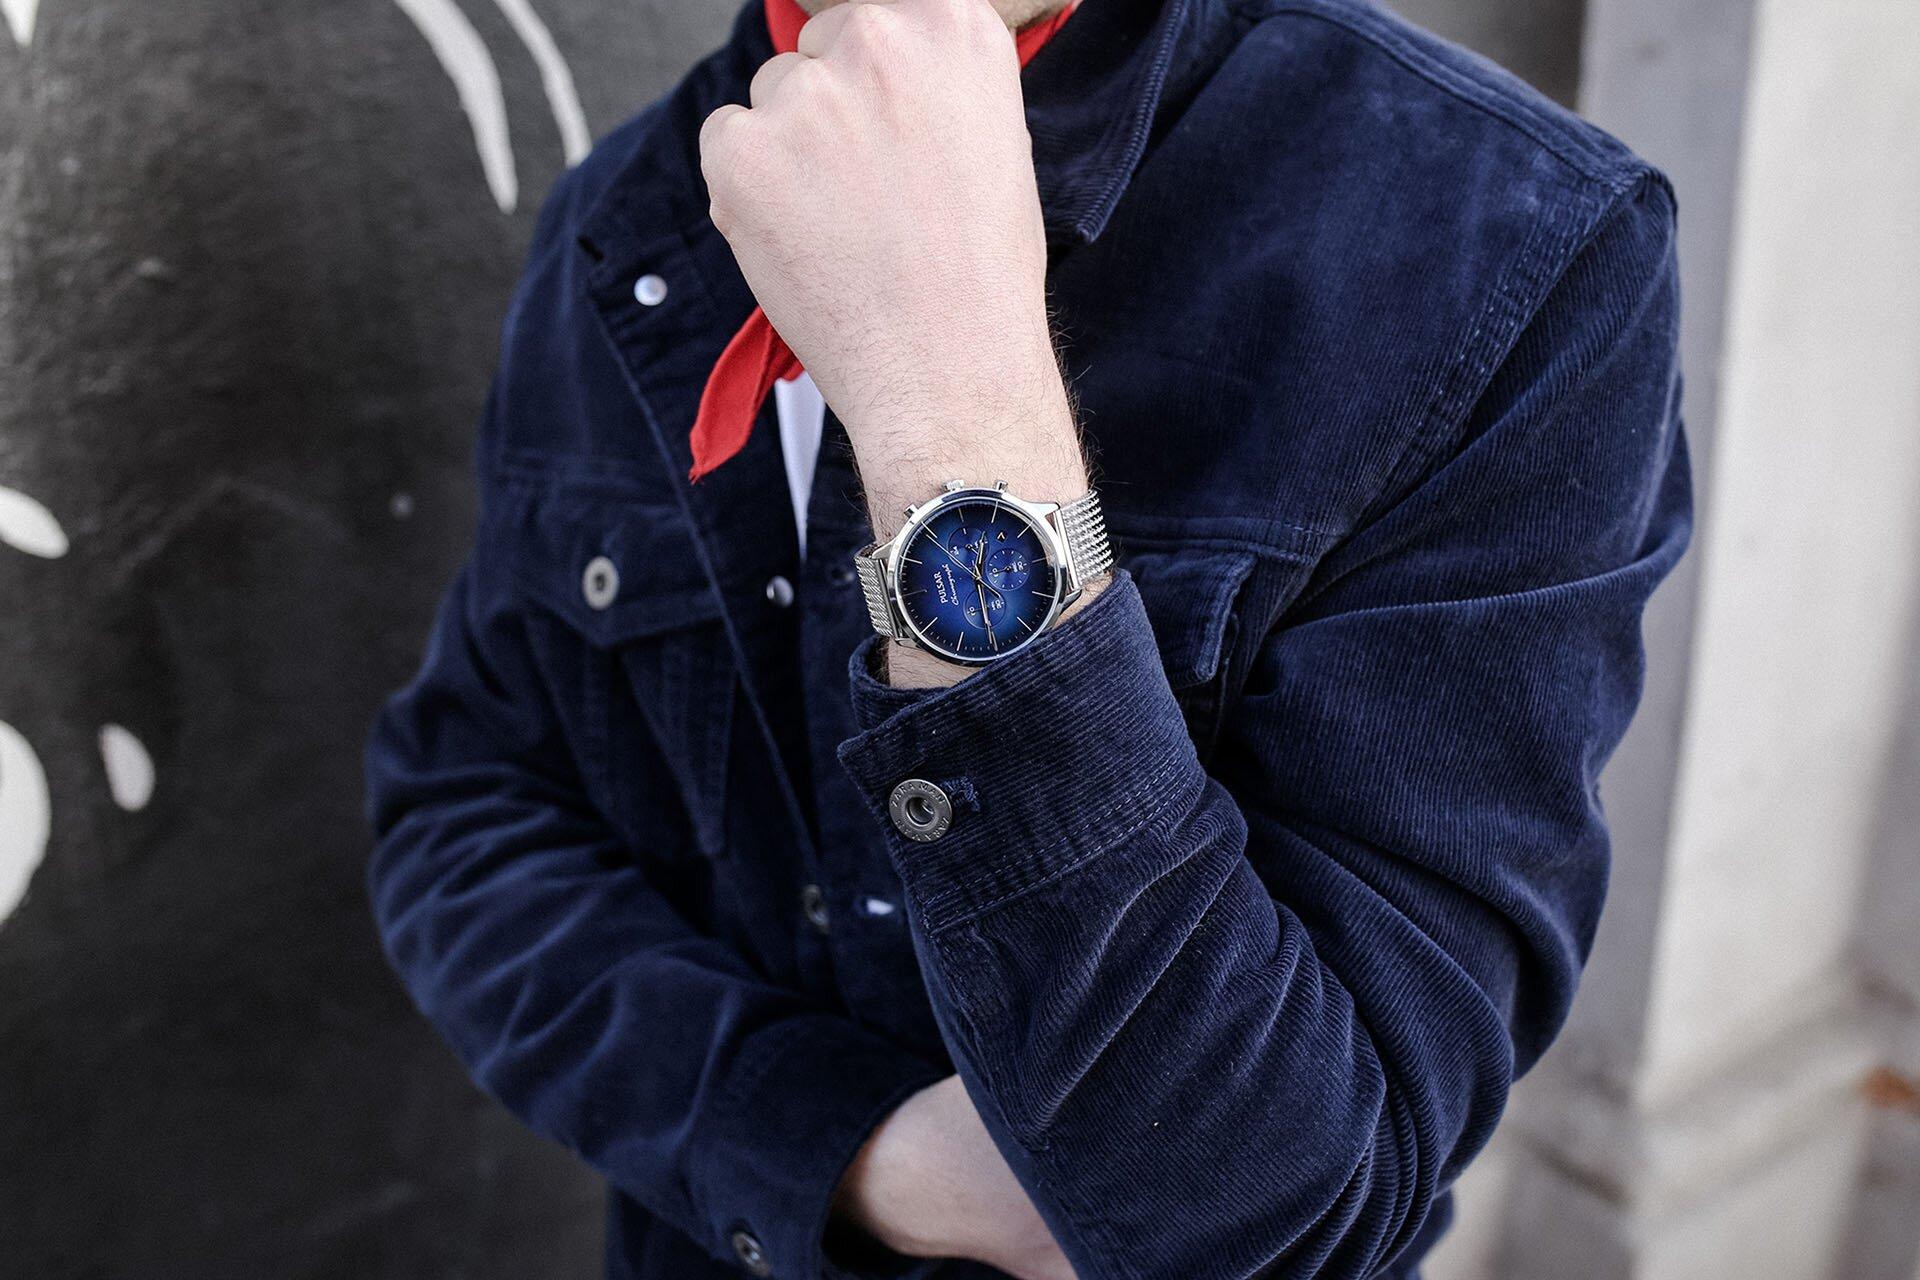 Zegarek męski Pulsar, Sztruks w modzie męskiej, Kurtka sztruksowa męska, GMALE by Grzegorz Paliś, Blog o modzie męskiej